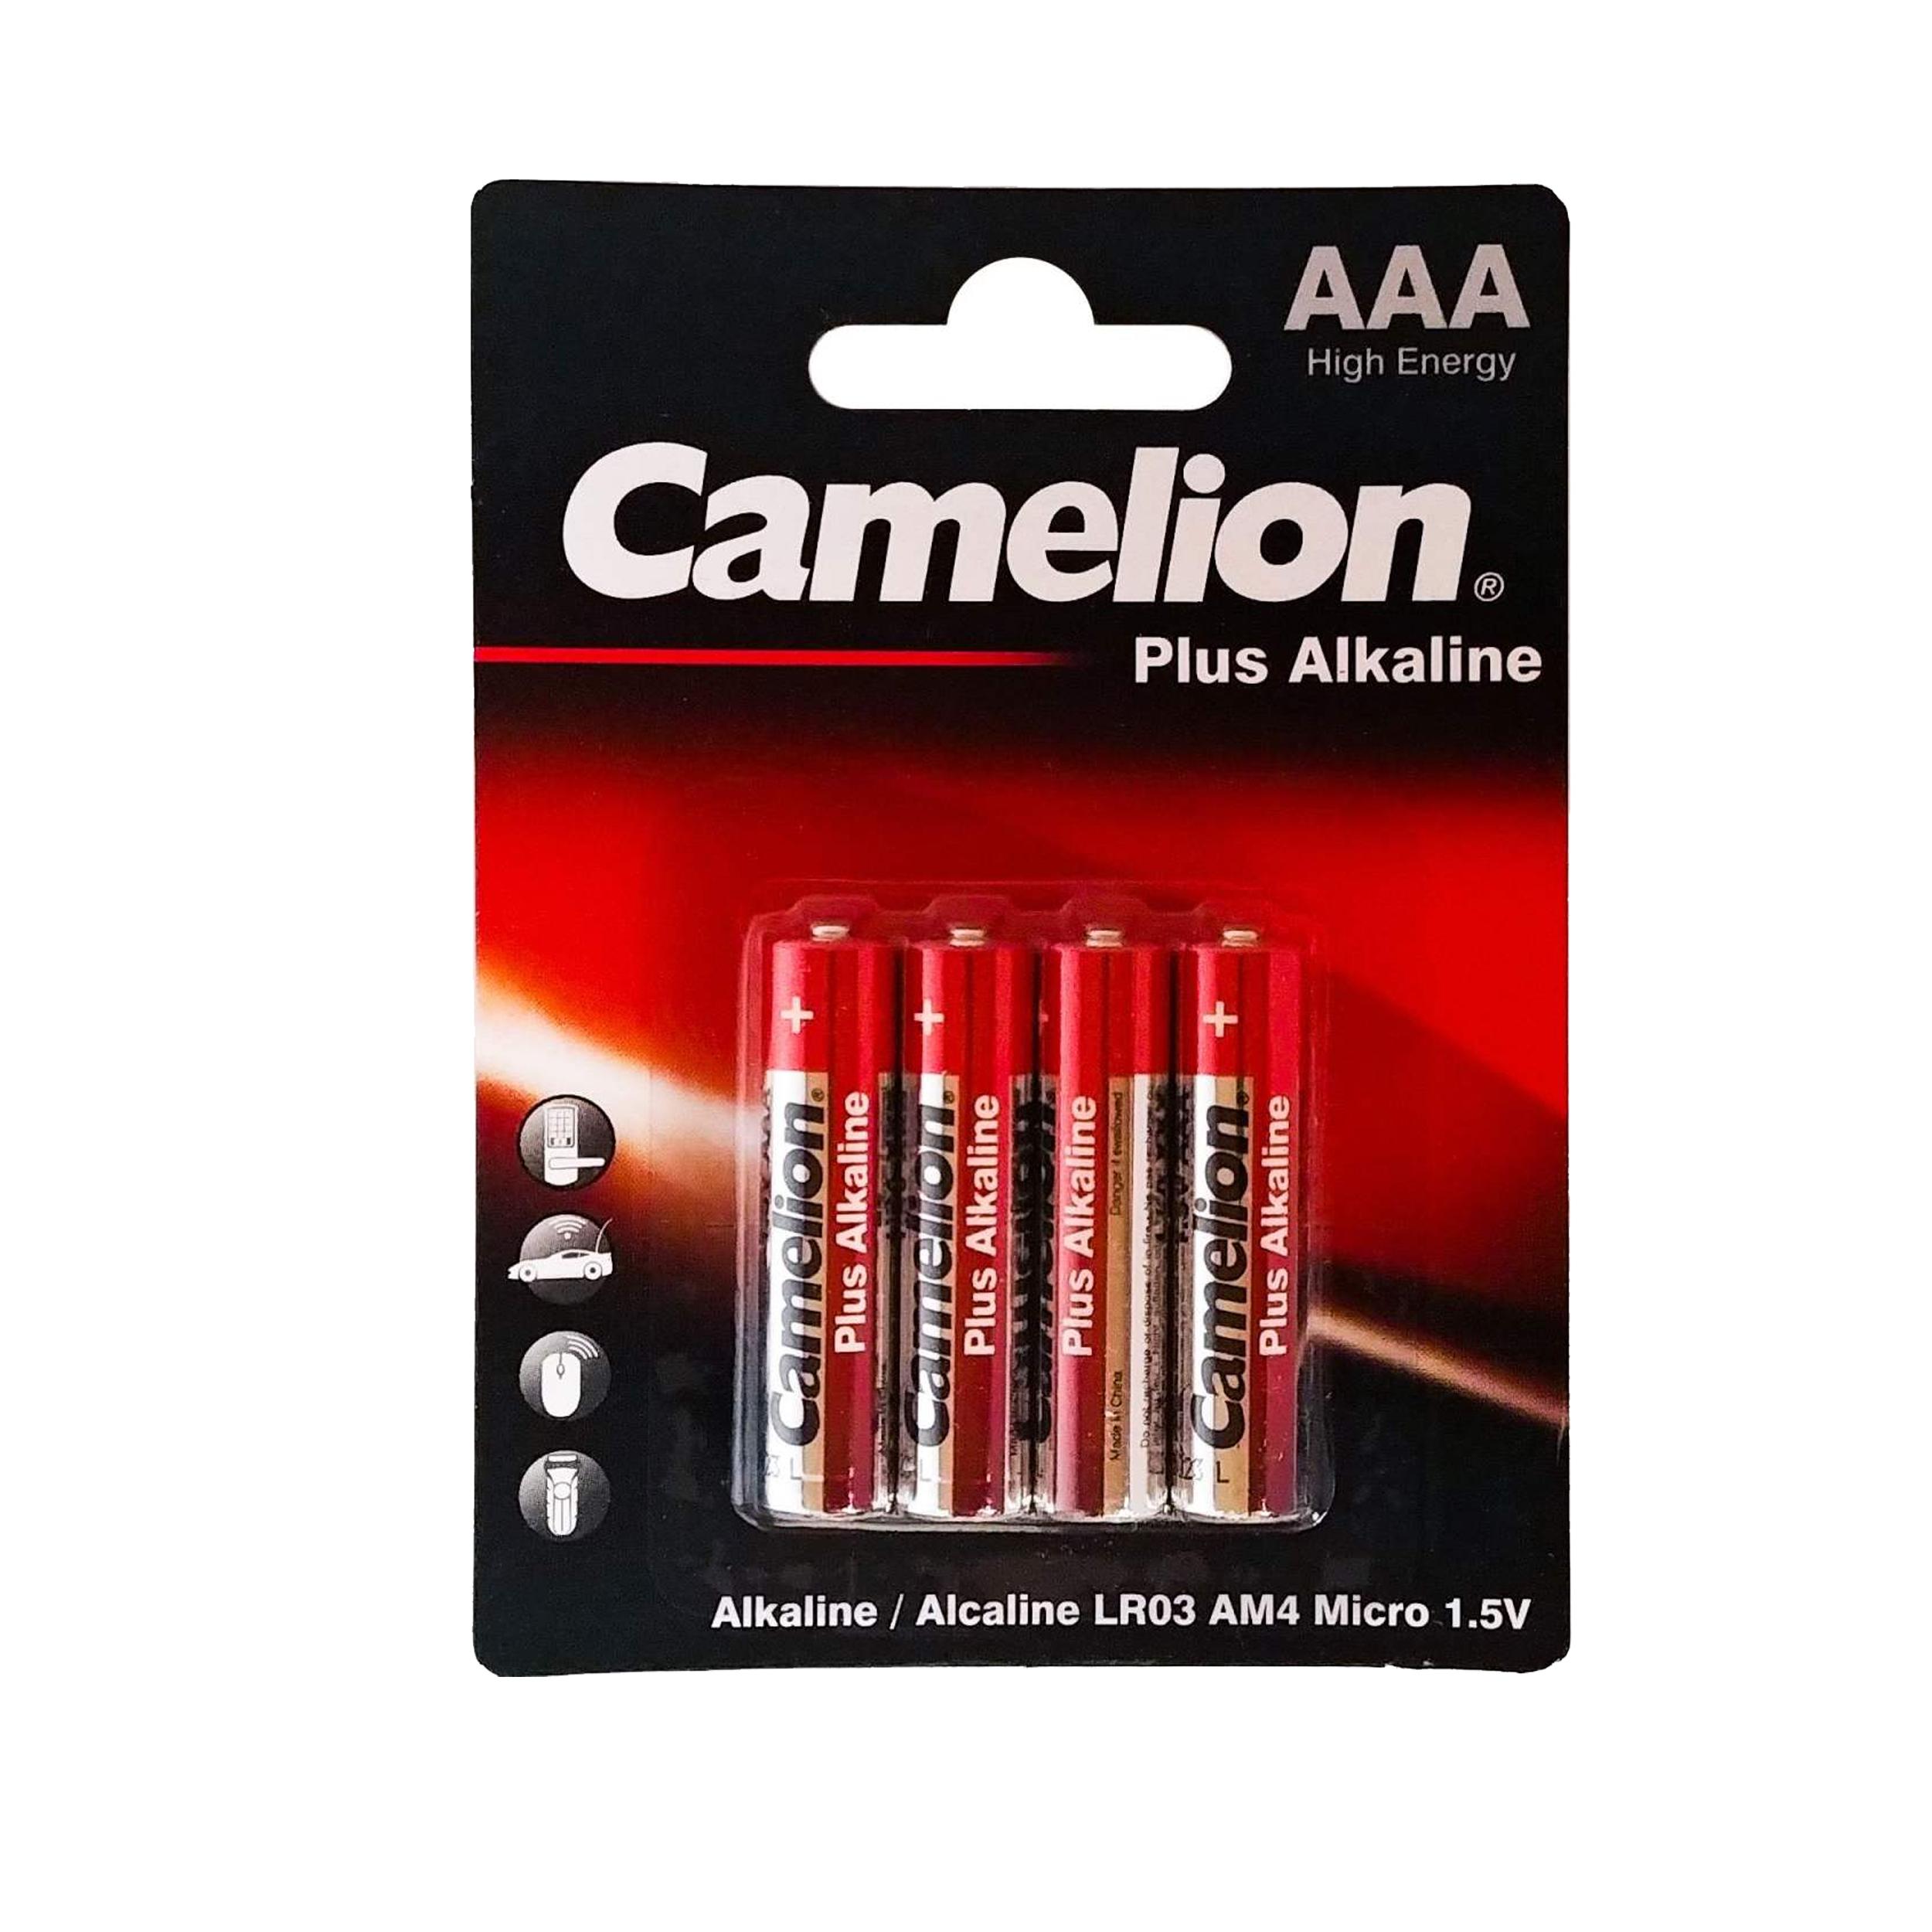 باتری قلم و نیم قلمی کملیون مدل Plus Alkaline محموعه 8 عددی main 1 3